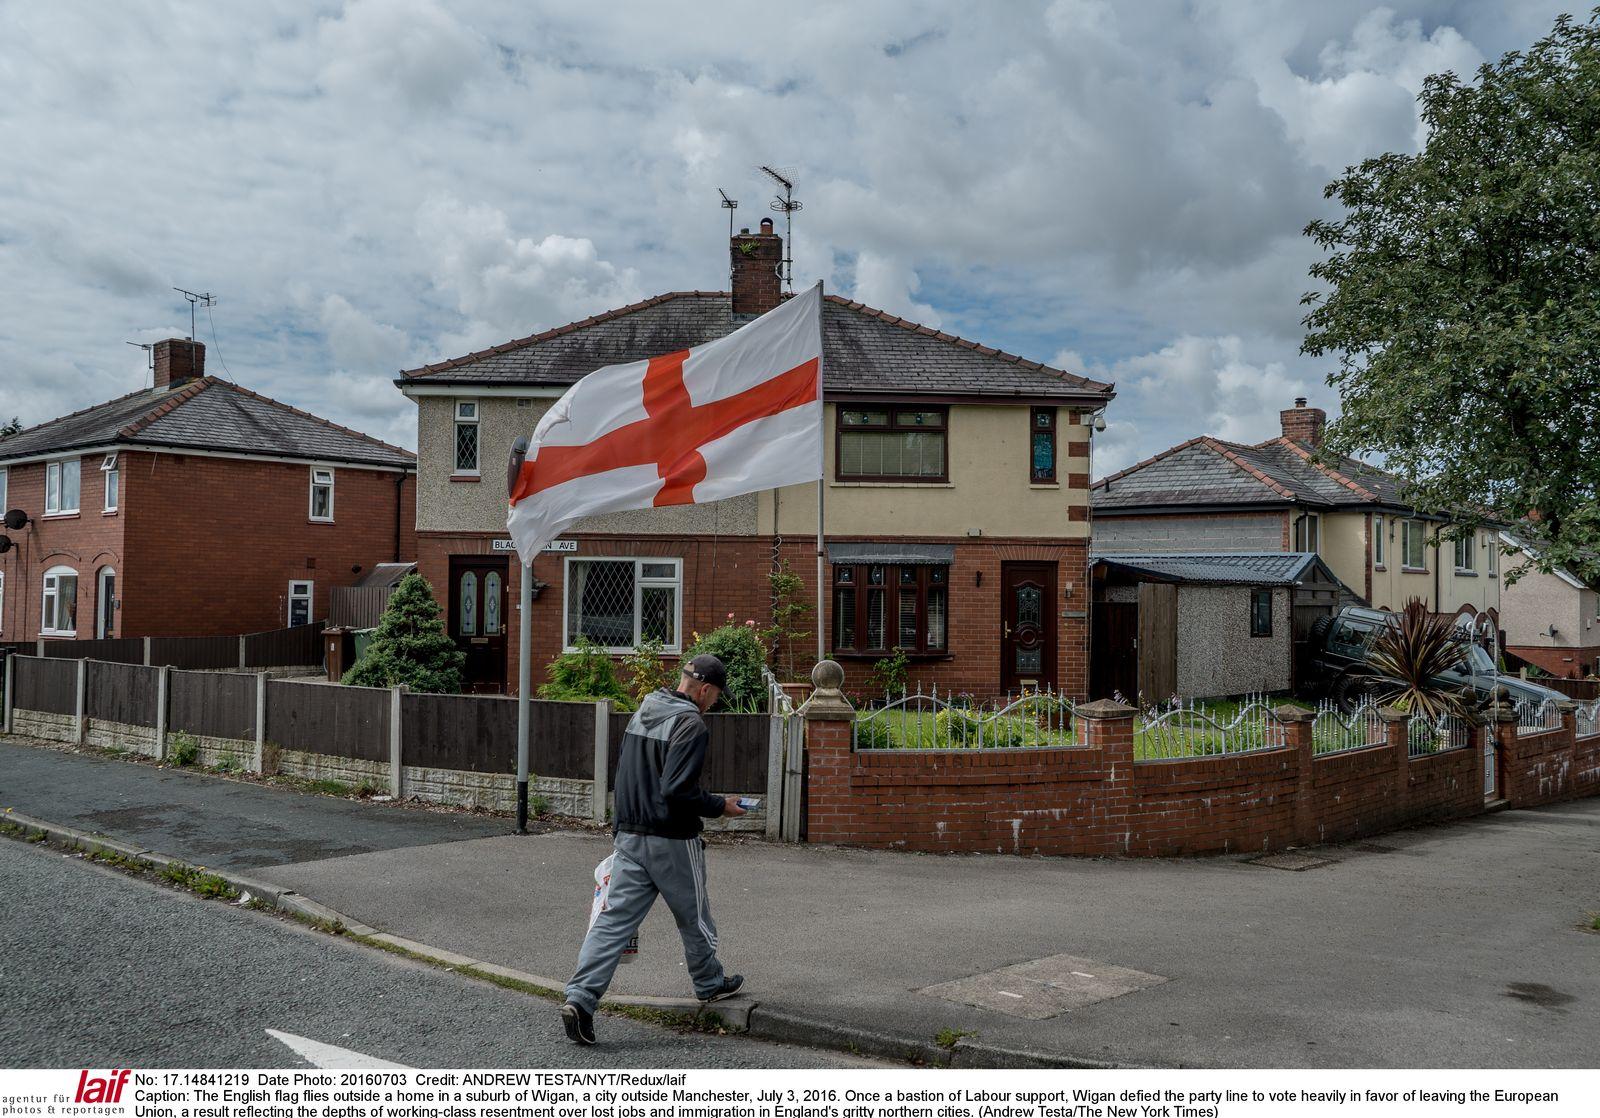 EINMALIGE VERWENDUNG SP 49/2019 S. 80 - Der Arbeiterkampf - Großbritannien - Straßenszene in Wigan - Armut